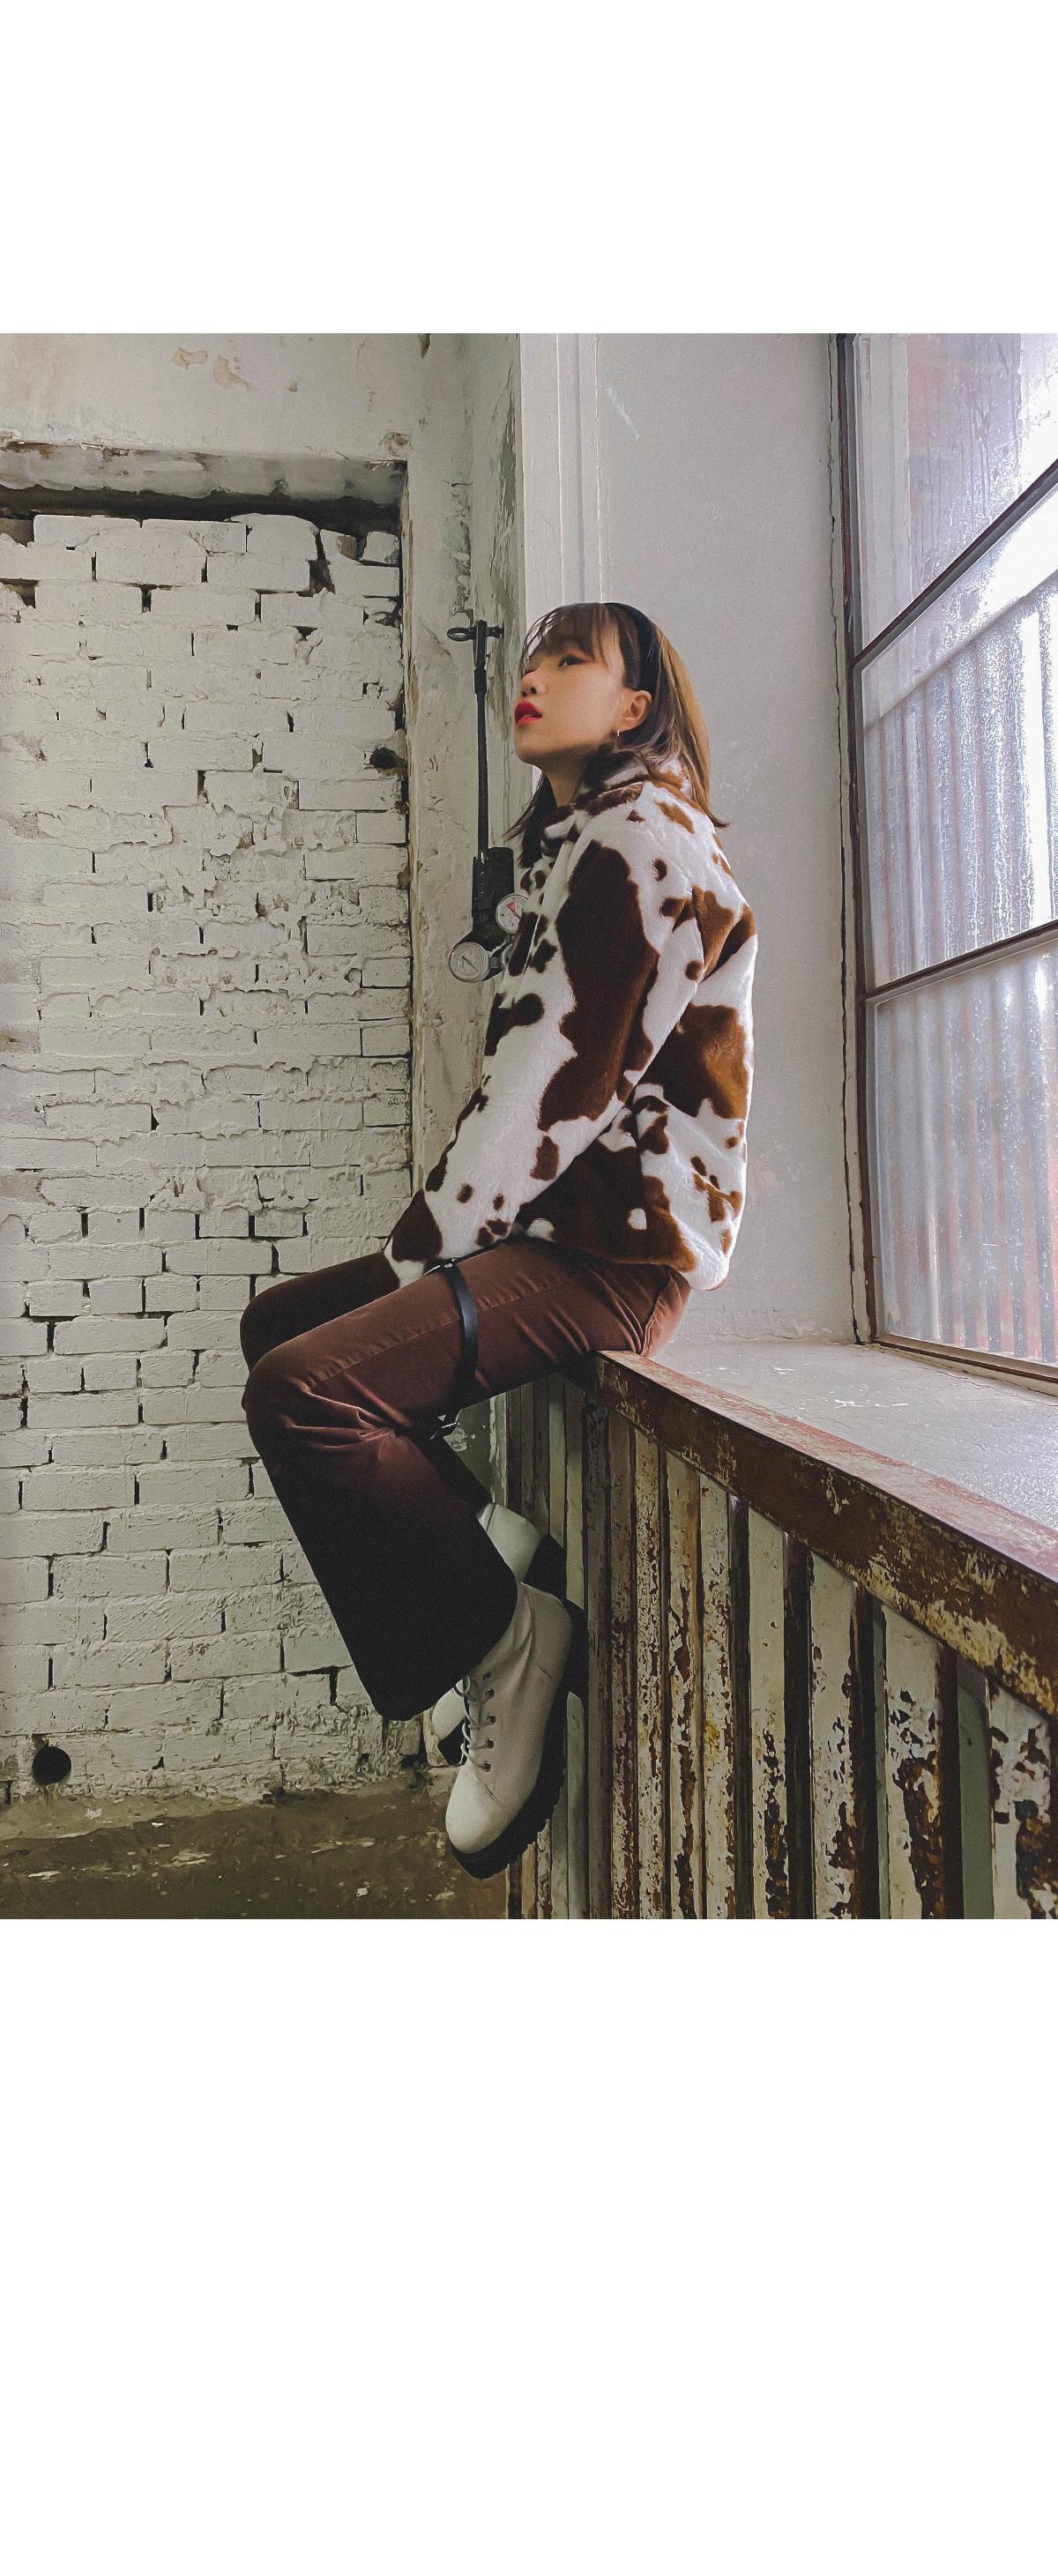 Dalmatian Jesse Furjacket